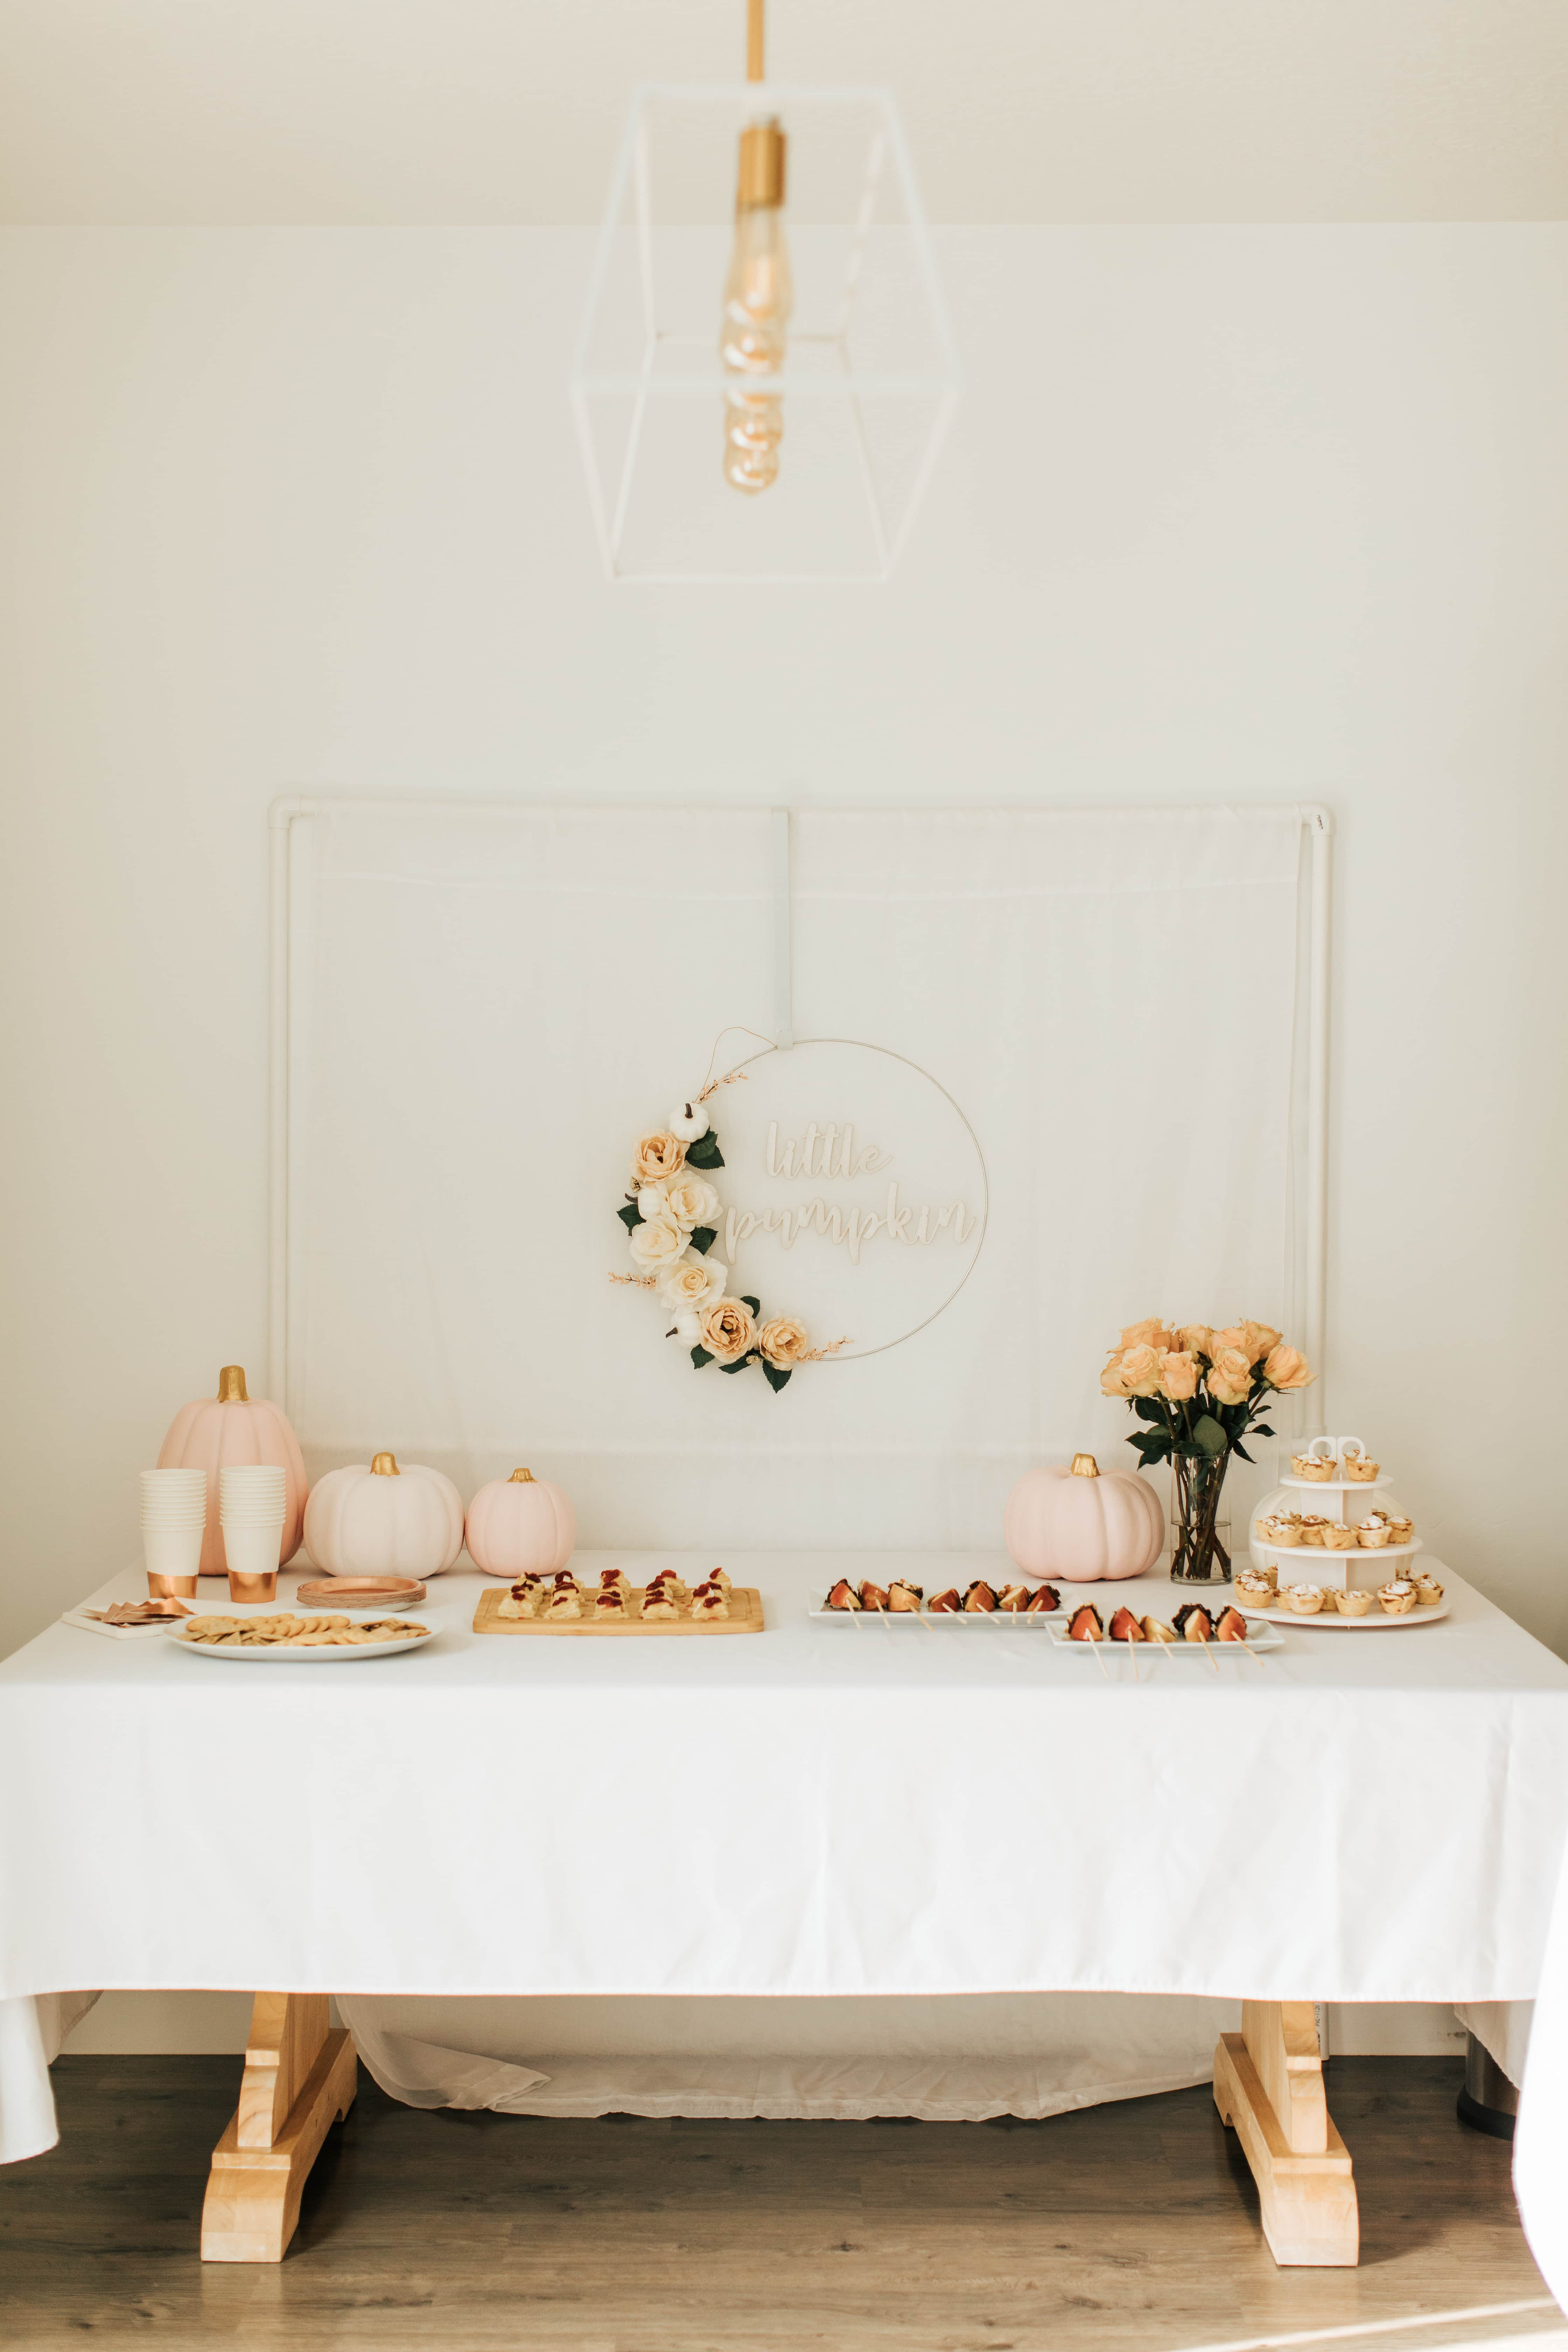 Pumpkin birthday food table.